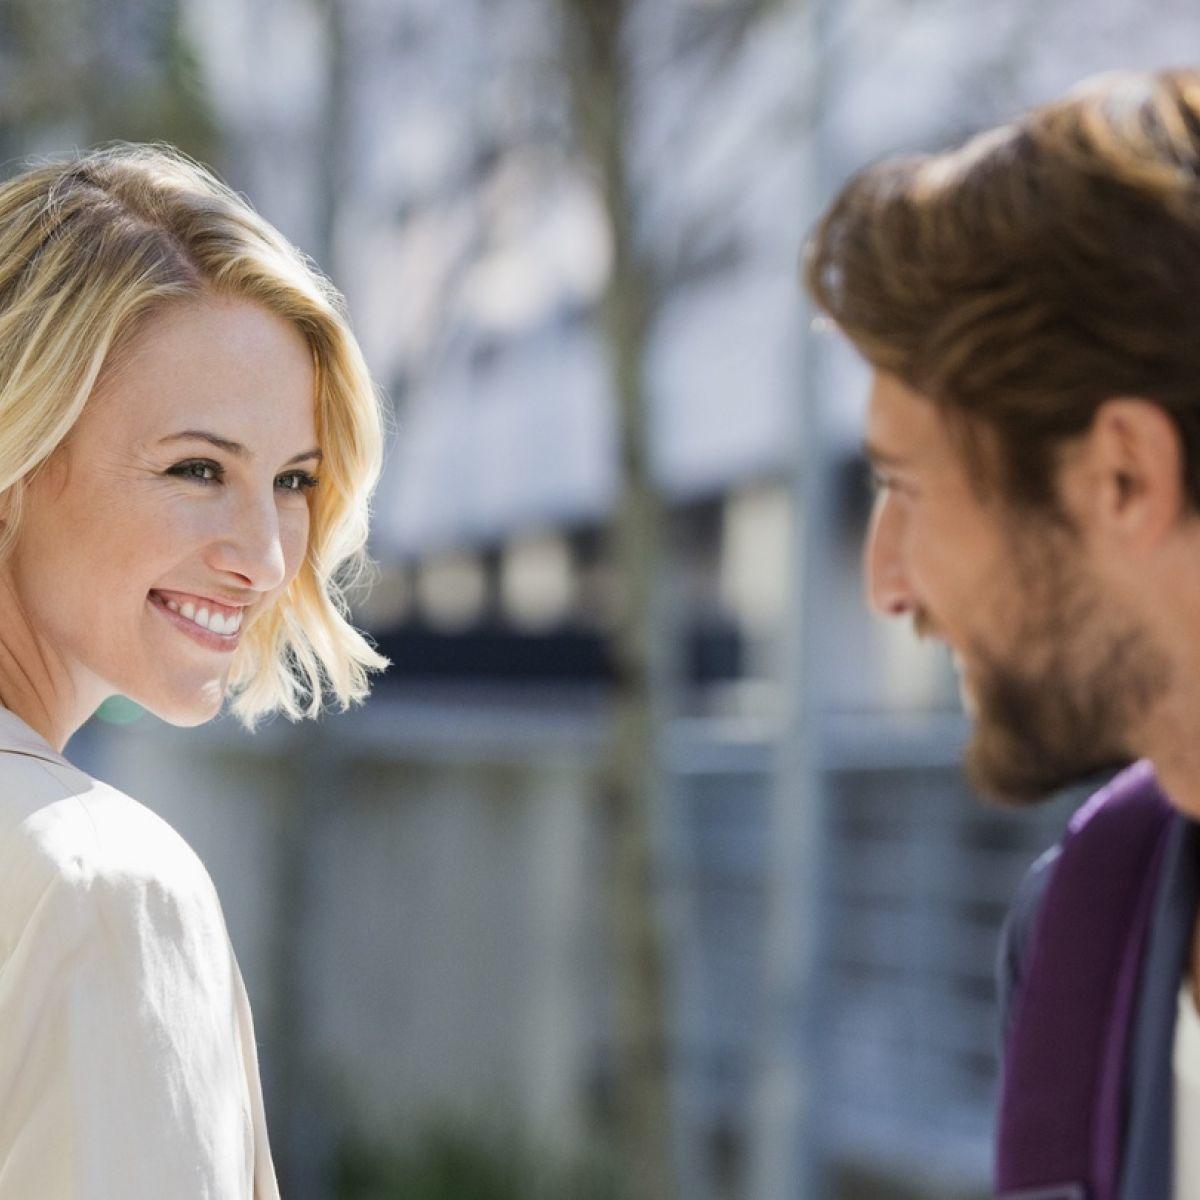 Φλερτ στα 40 και τα 50: Πρακτικές Συμβουλές